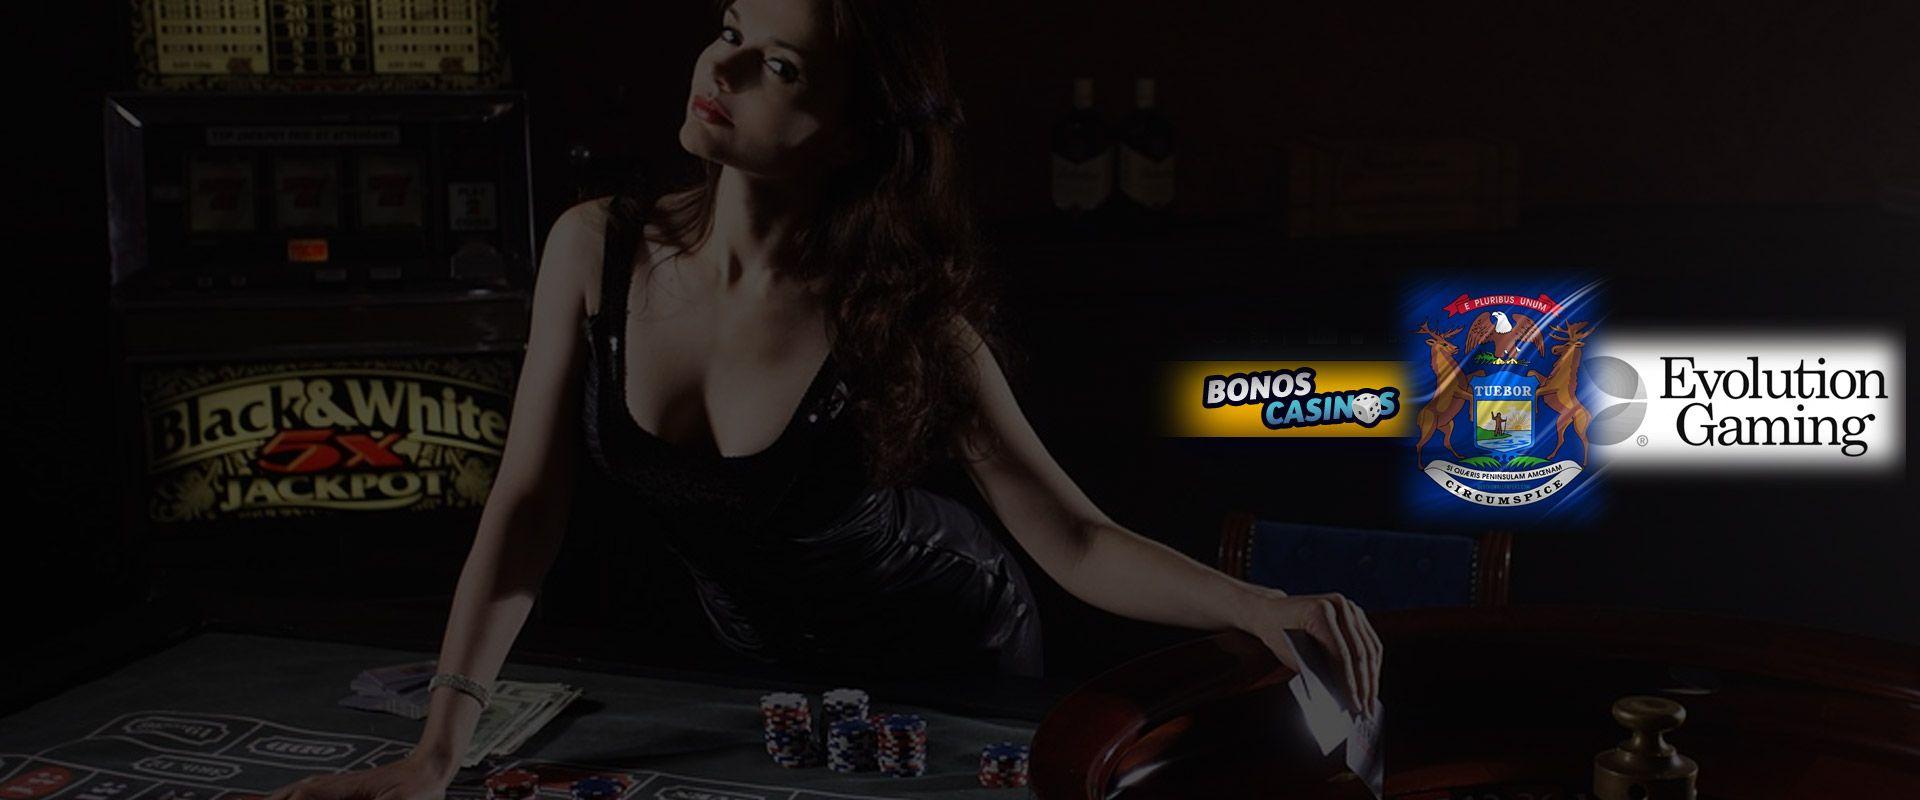 logo de Michigan listo para el estreno de nuevo casino en vivo de Evolution